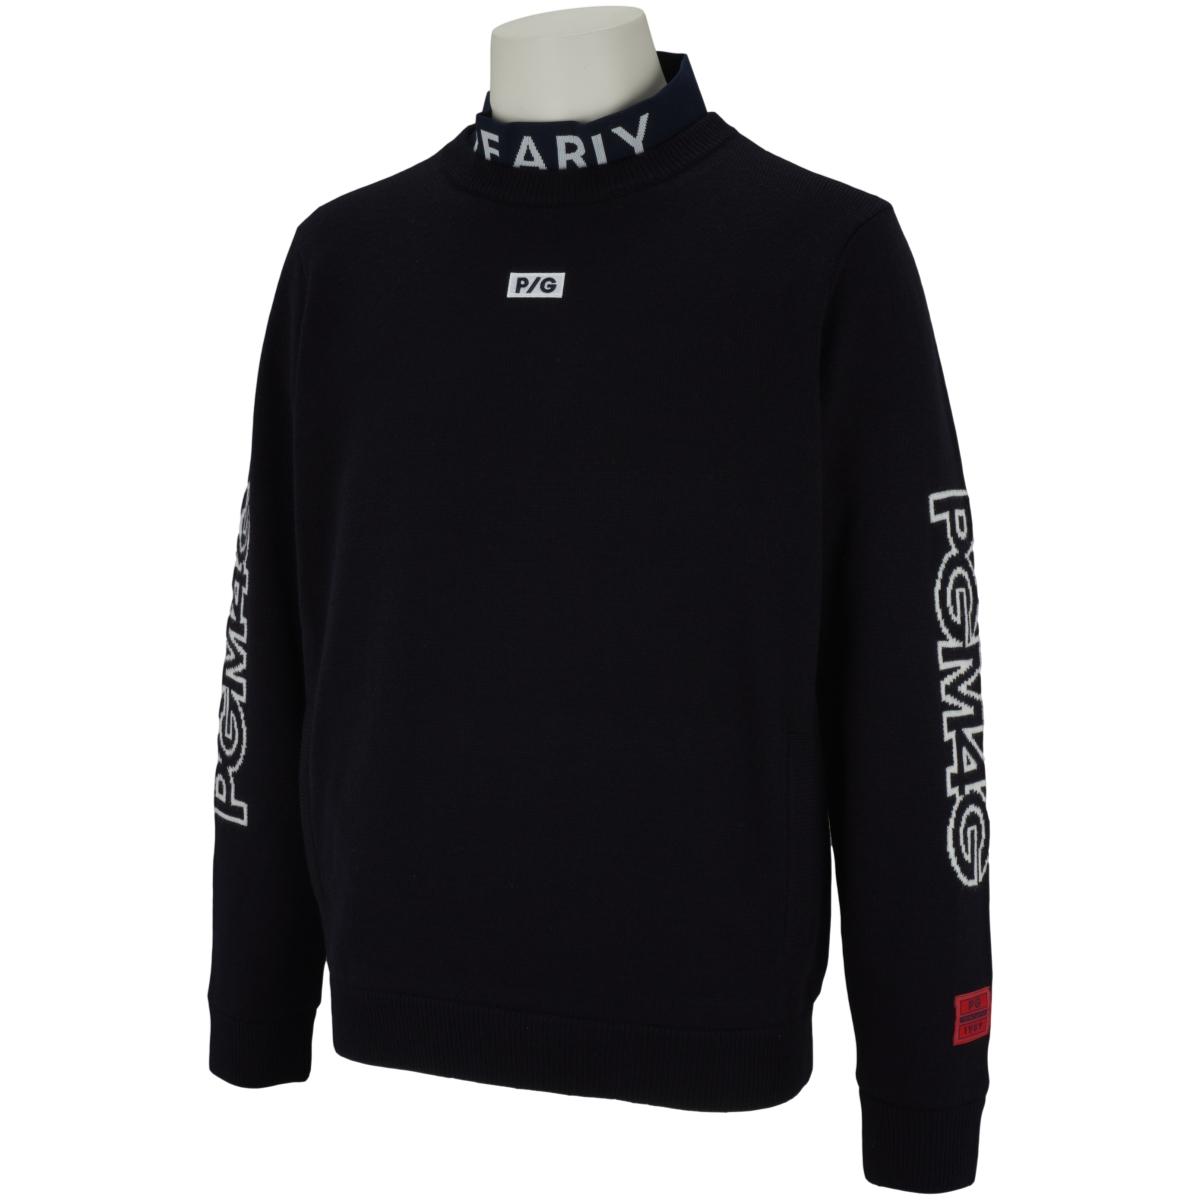 ツインニット×DIAPLEX 長袖セーター